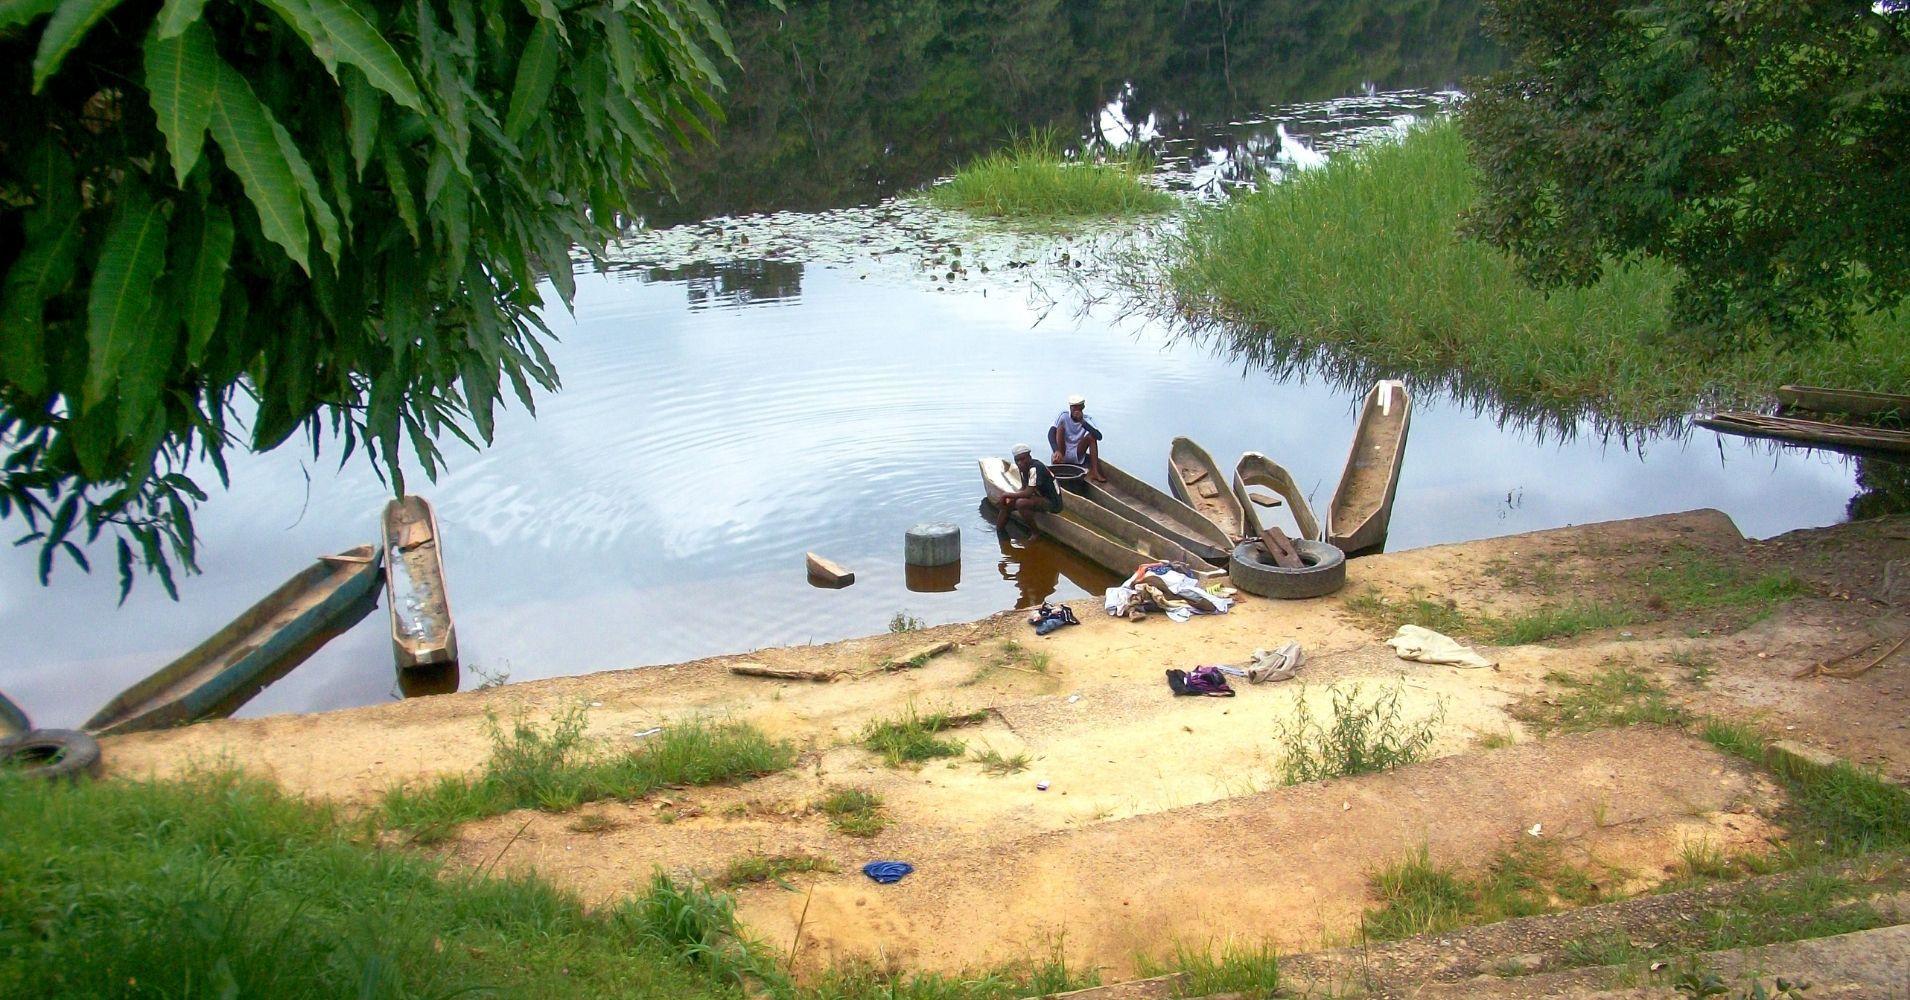 Ebogo Río Nyong. Camerún.